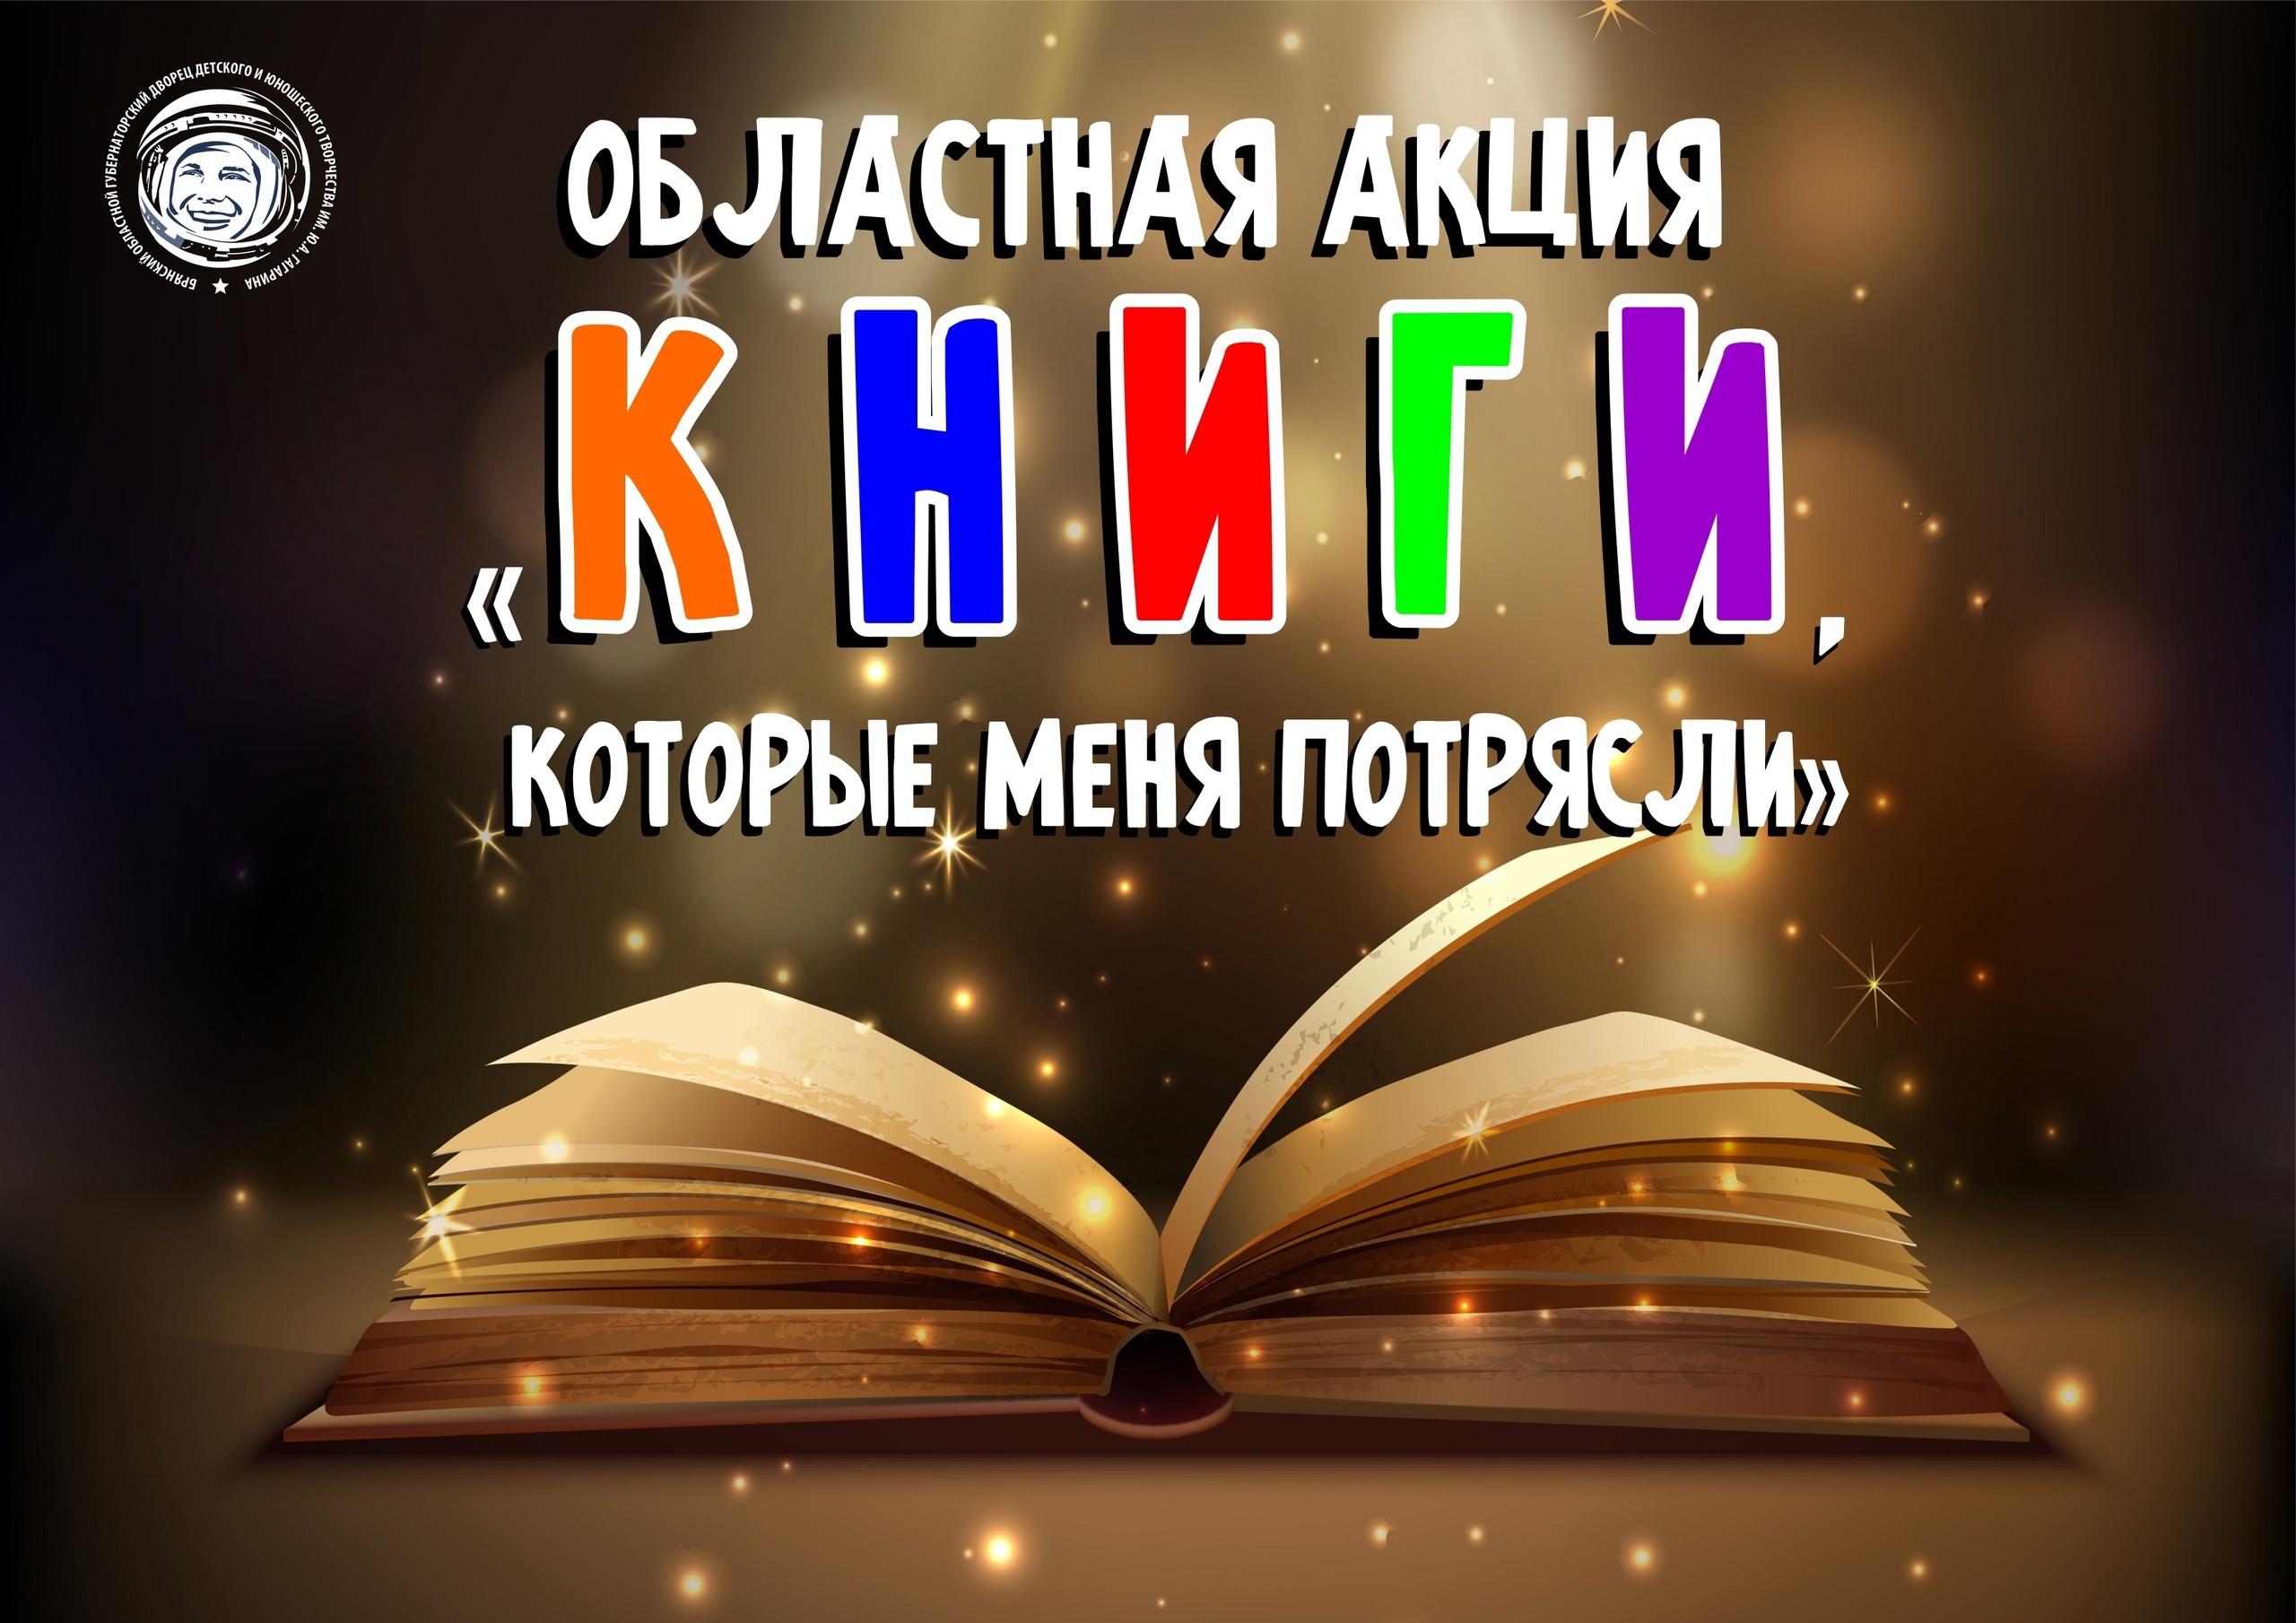 Областная акция «Книги, которые меня потрясли»